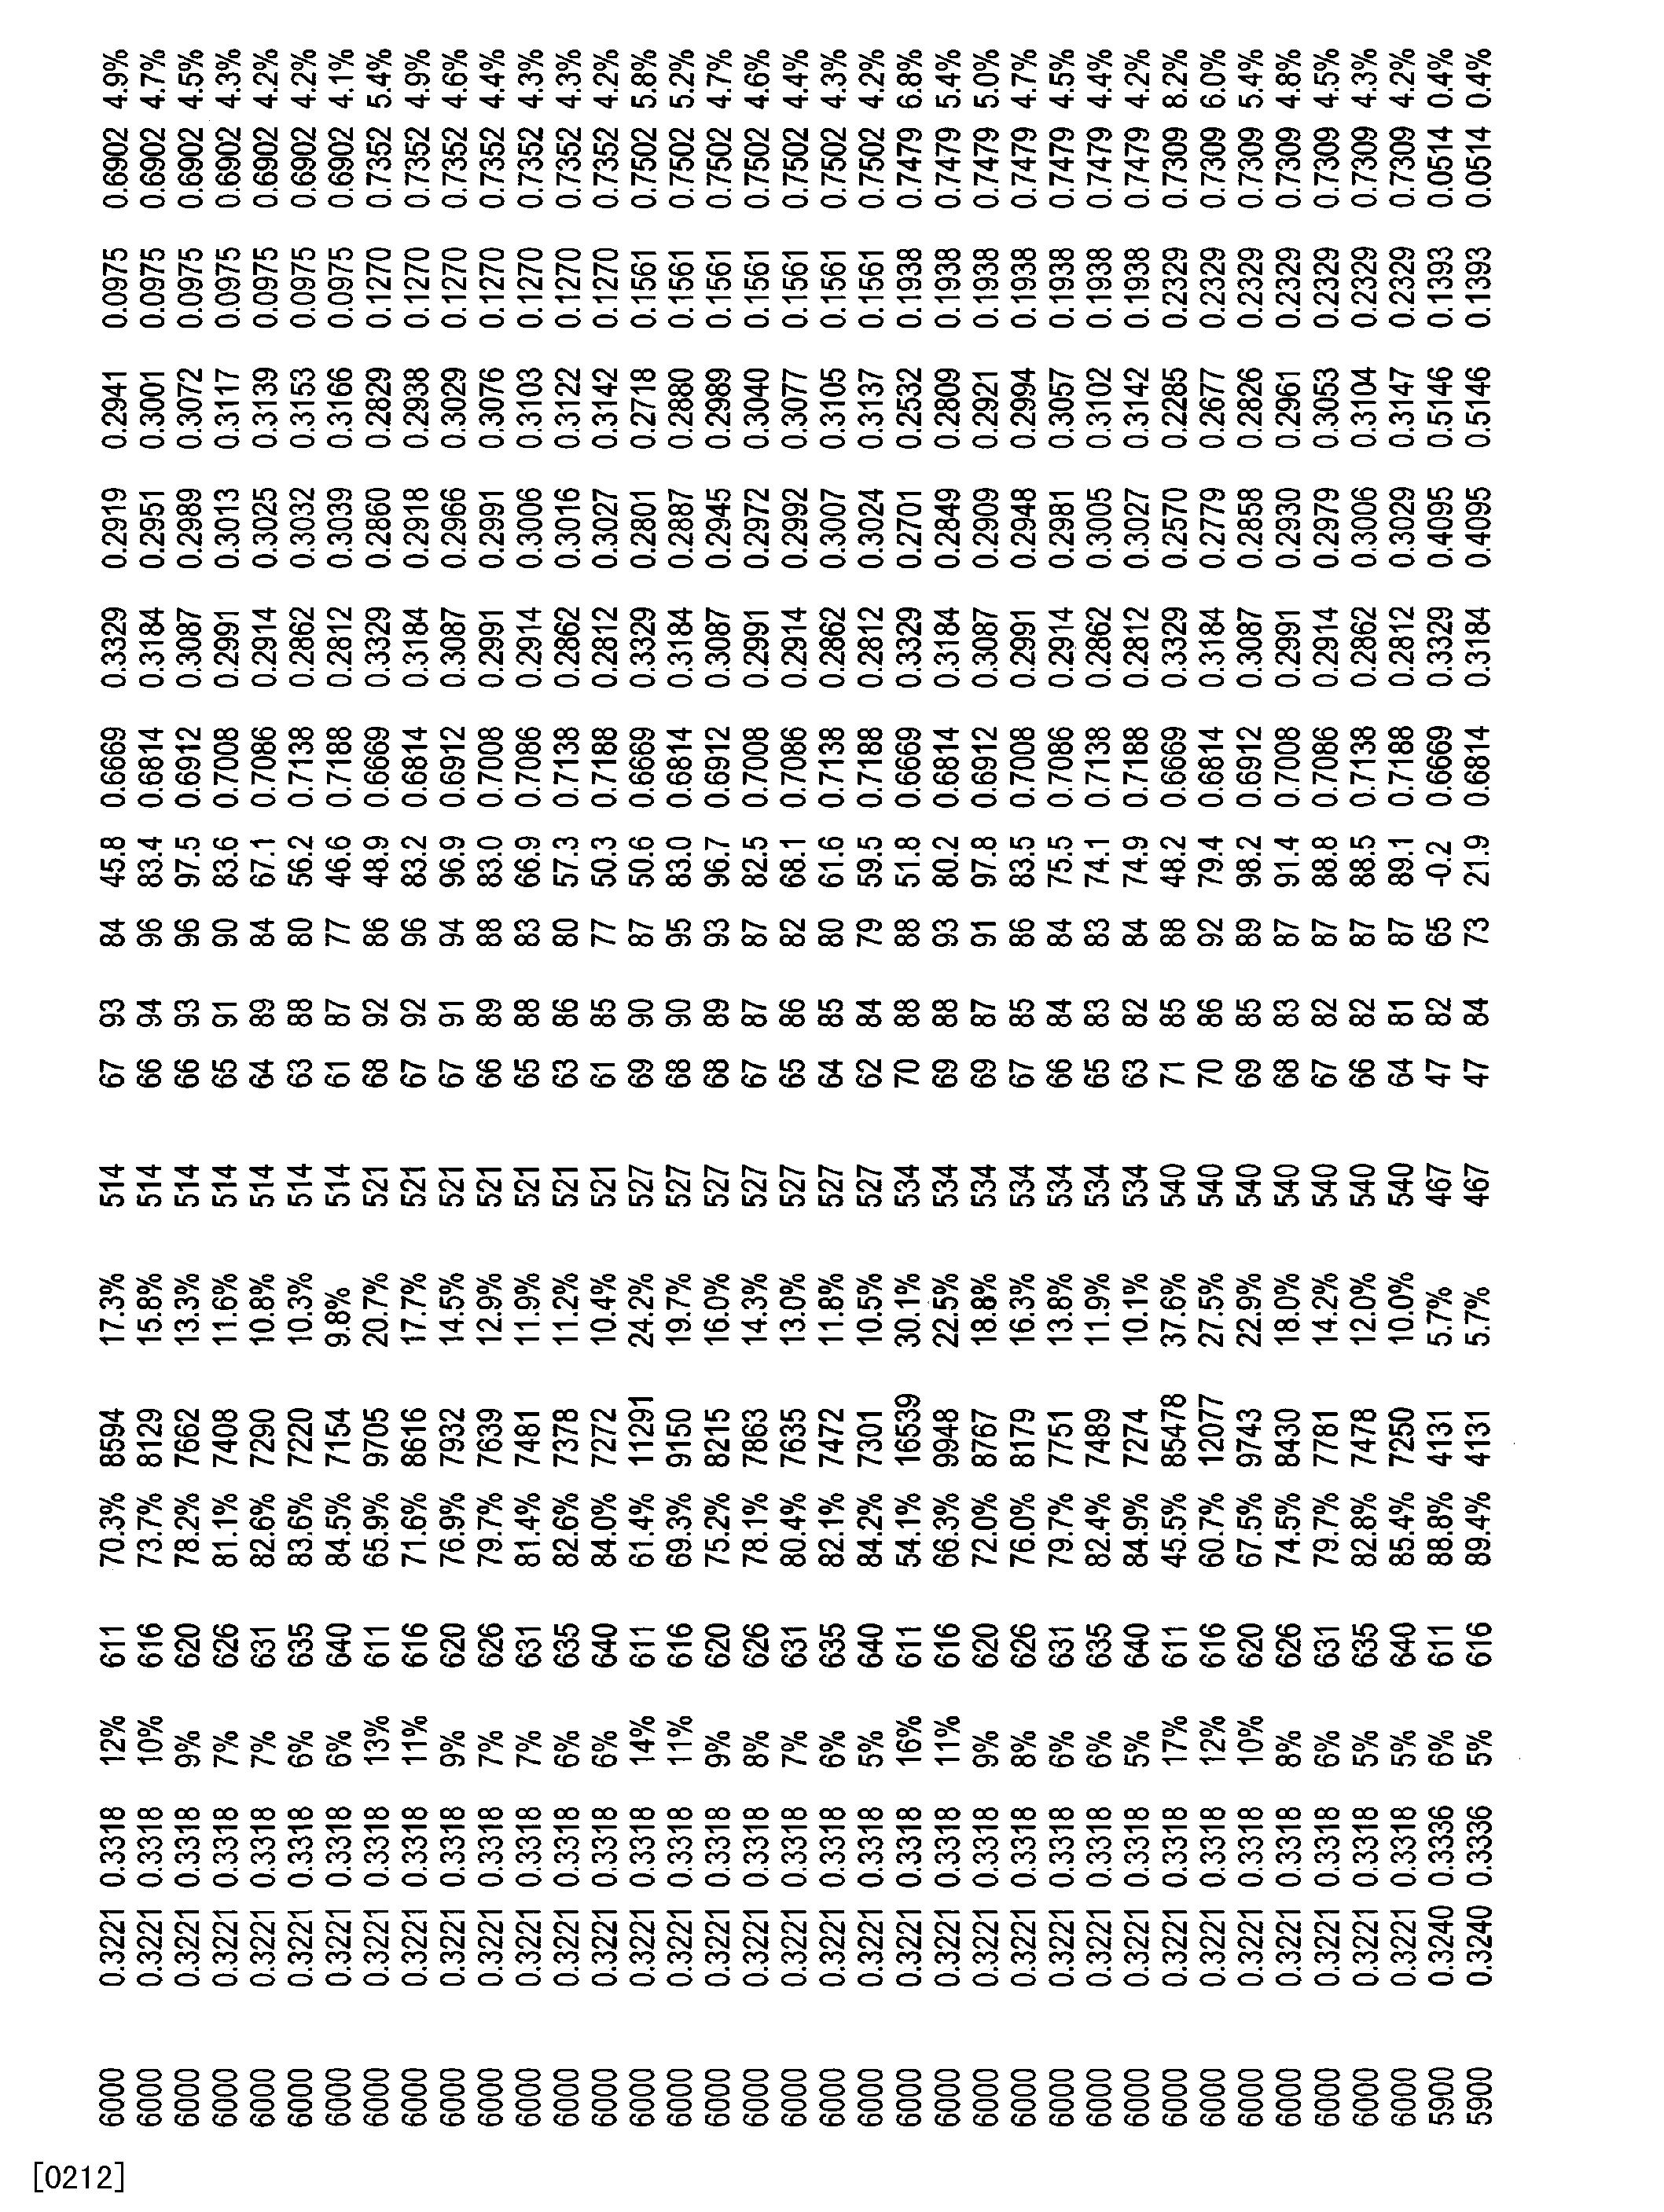 Figure CN101821544BD00391